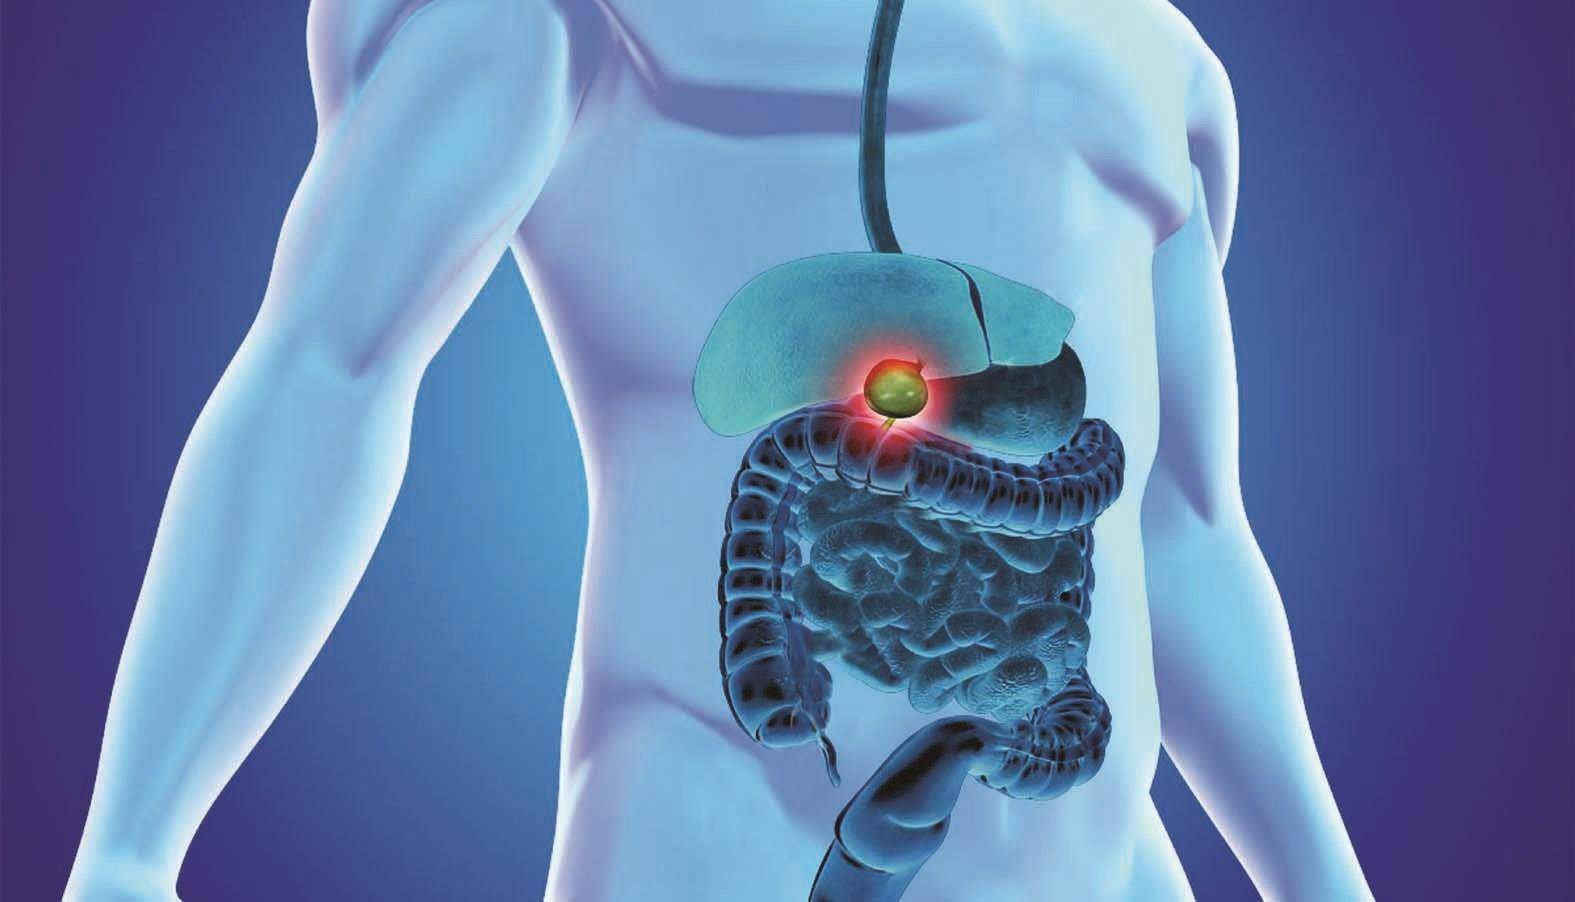 Рак желчного пузыря — первые симптомы, причины, лечение